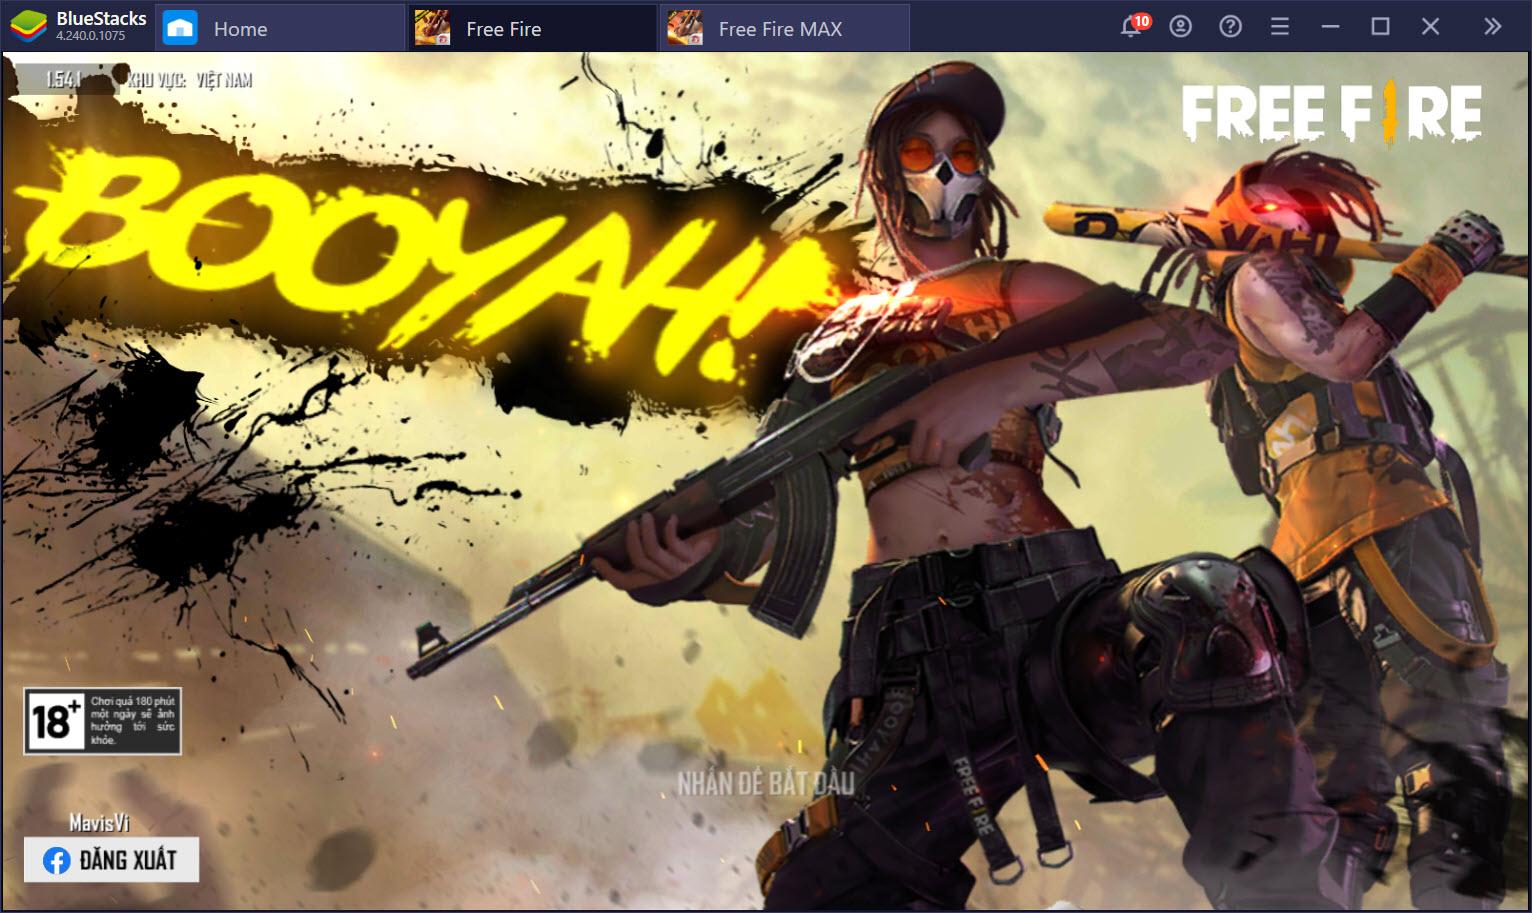 So sánh đồ họa Garena Free Fire Max và phiên bản thường trên BlueStacks